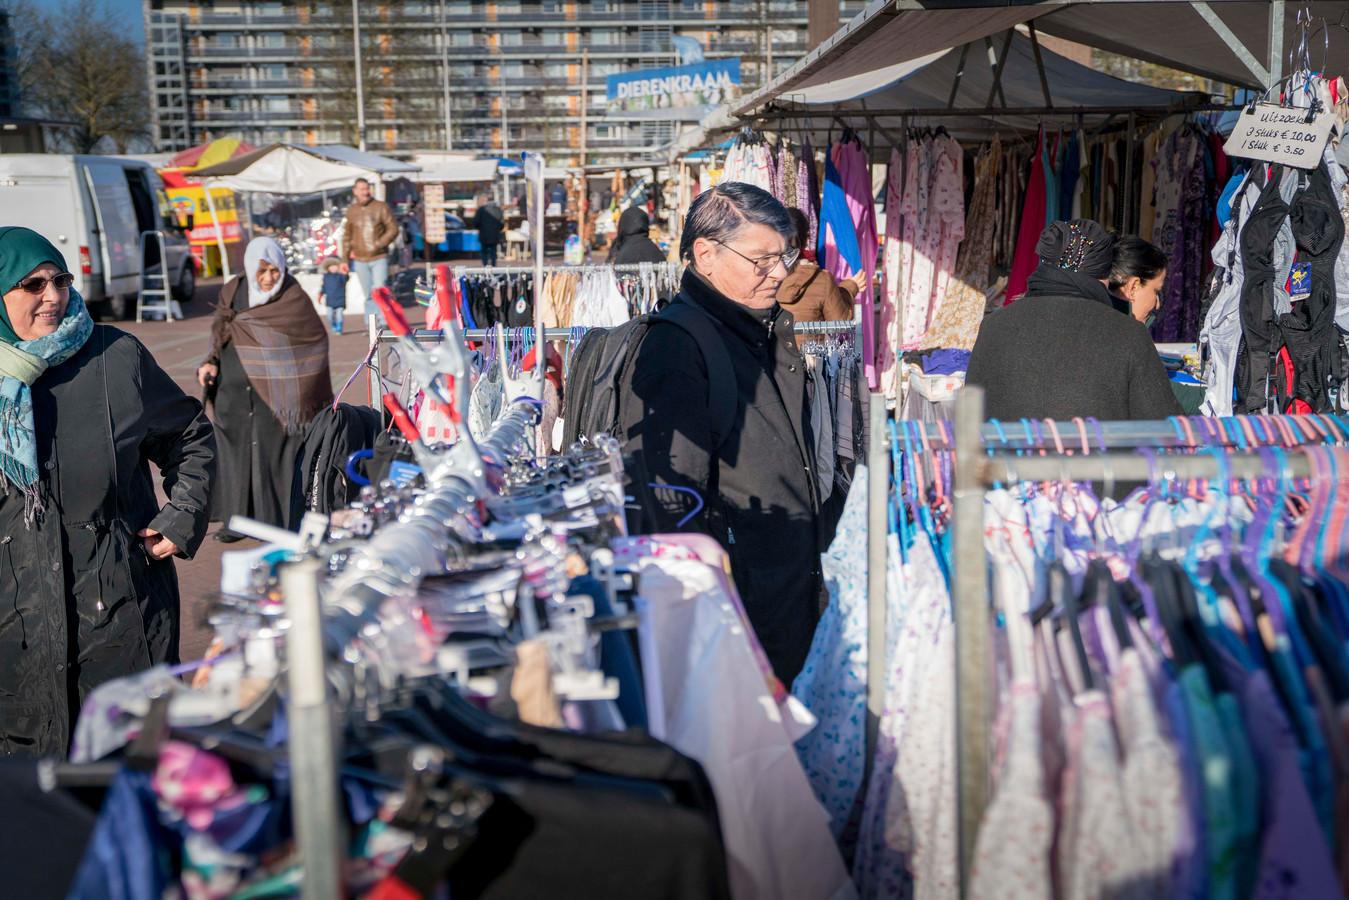 Op zoek naar leuke kleding op de markt. De gemeenten meldt 'steeds meer lege plekken voor textiel', ook op de markt nabij het stadshart.